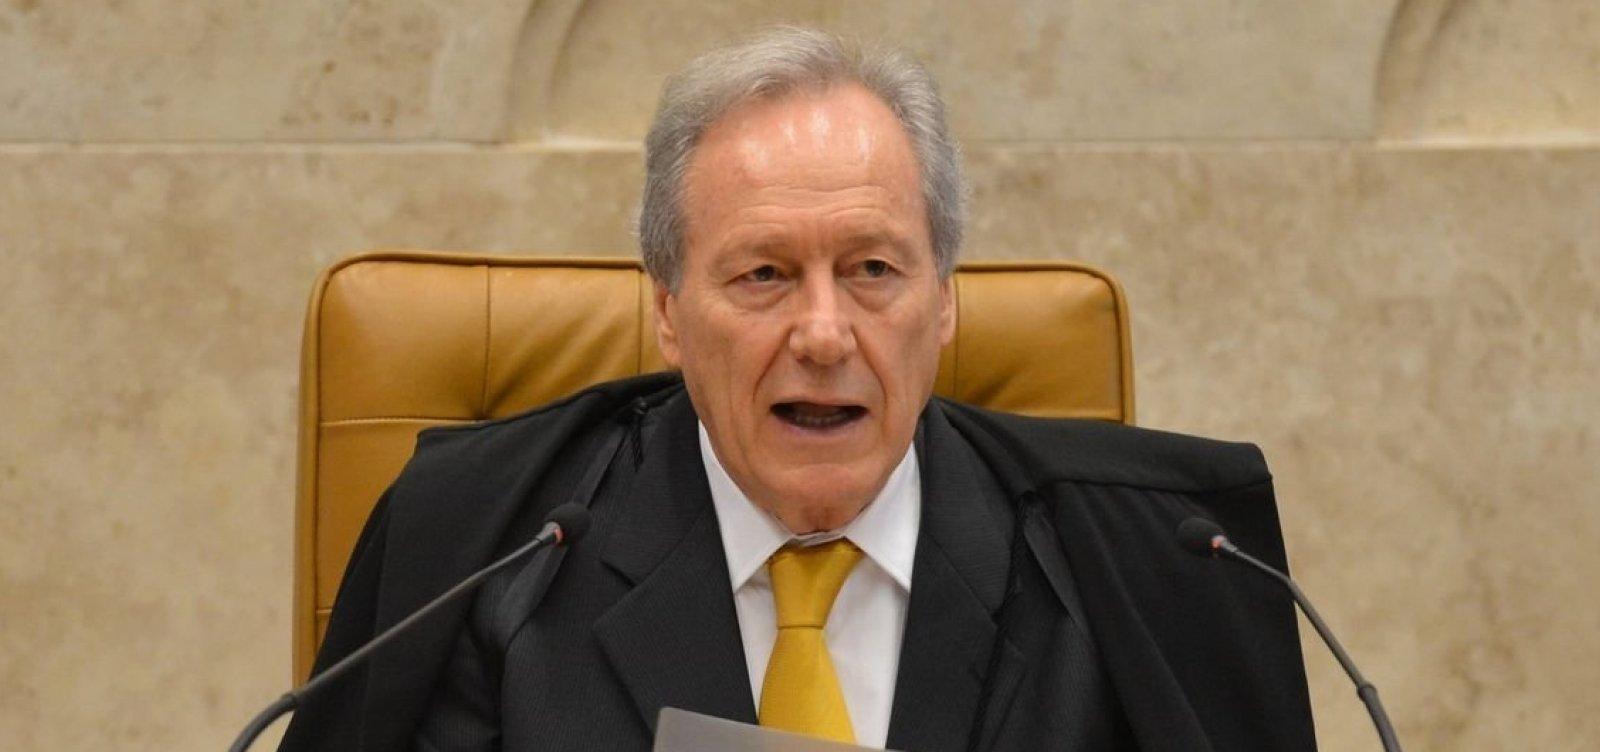 Maioria da 2ª Turma do STF vota pelo acesso de Lula a diálogos entre Moro e procuradores da Lava-Jato